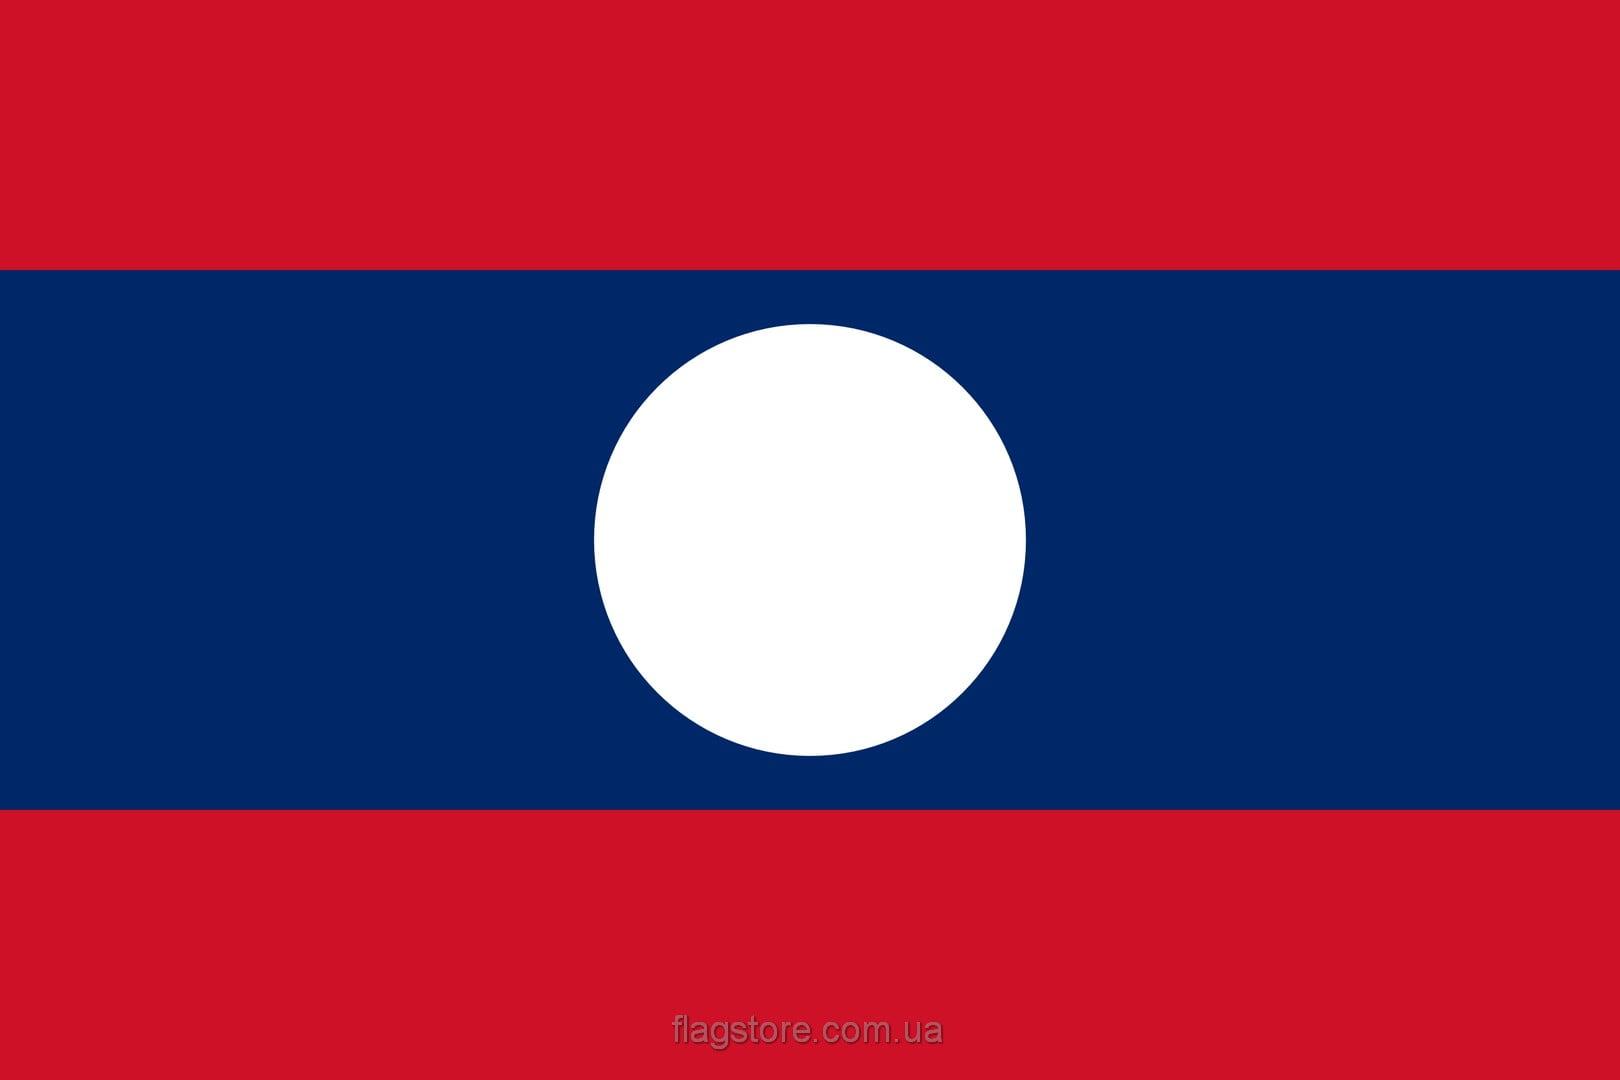 Купить флаг Лаоса (страны Лаос)